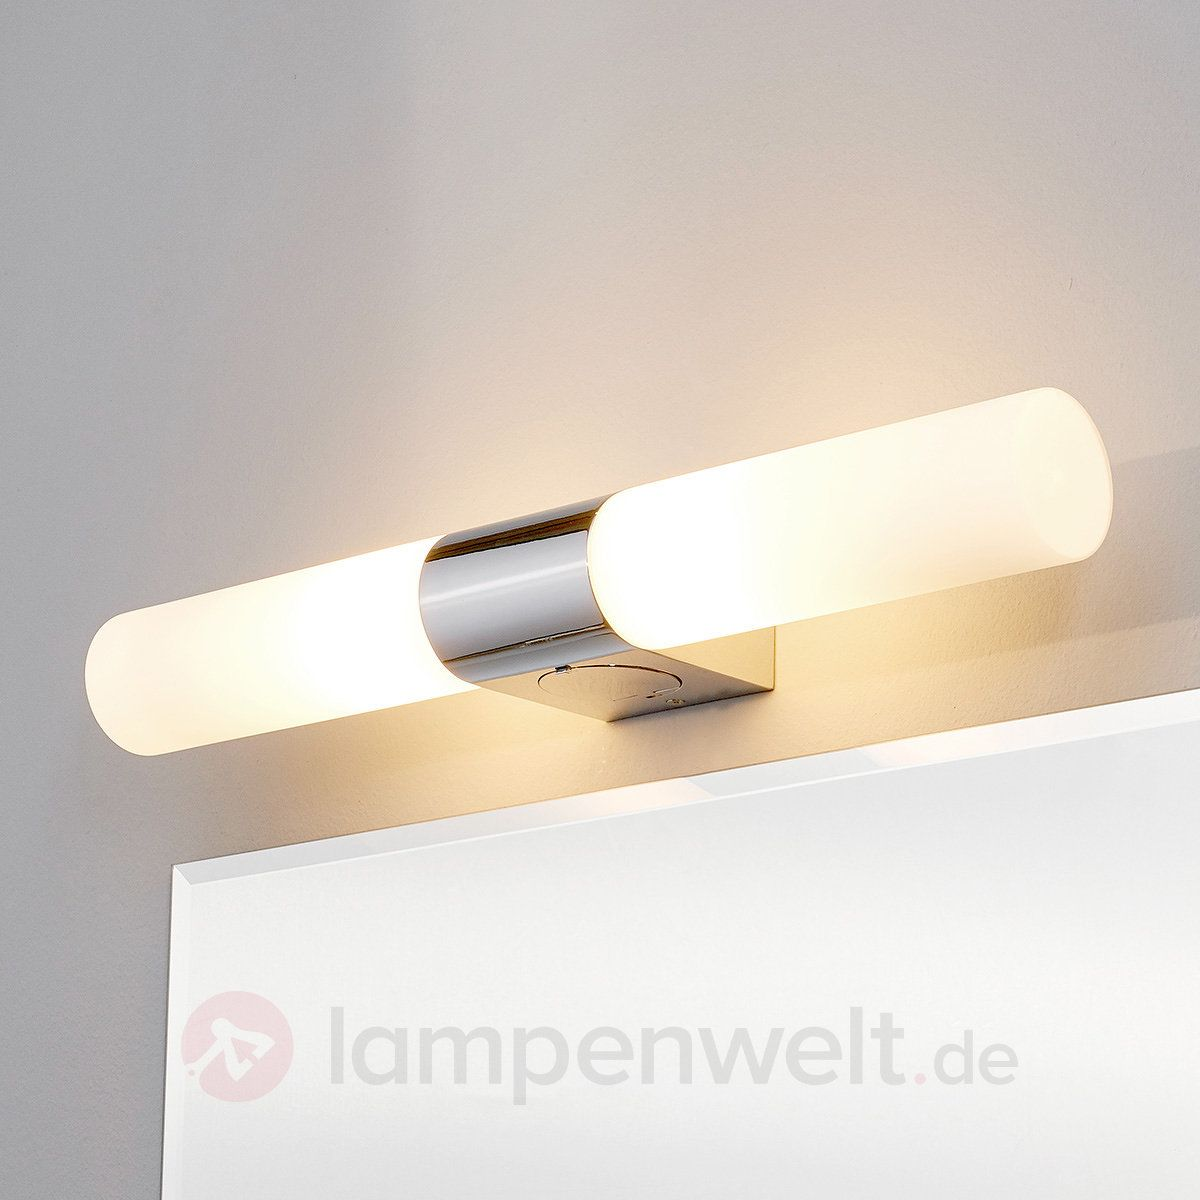 Ziva Spiegelleuchte Mit Steckdose Sicher Amp Amp Bequem Online Bestellen Bei Lampenwelt De Steckdosen Spiegel Lampen Und Leuchten